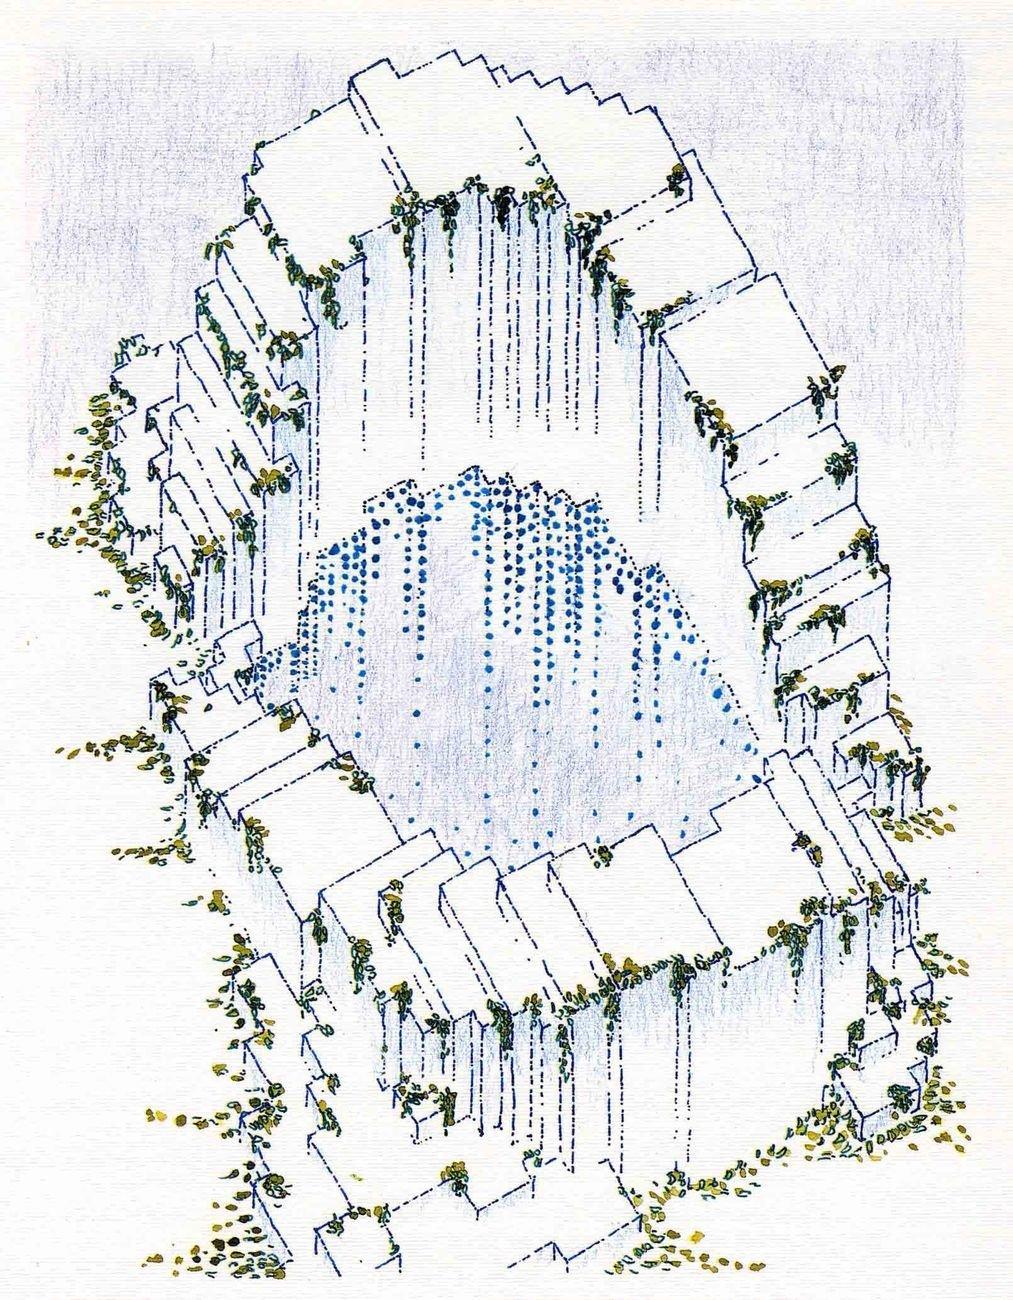 Quinto Palazzo Uffici SNAM, San Donato Milanese, 1985 92. Roberto Gabetti e Aimaro Isola, Guido Drocco (disegno Archivio Gabetti e Isola)